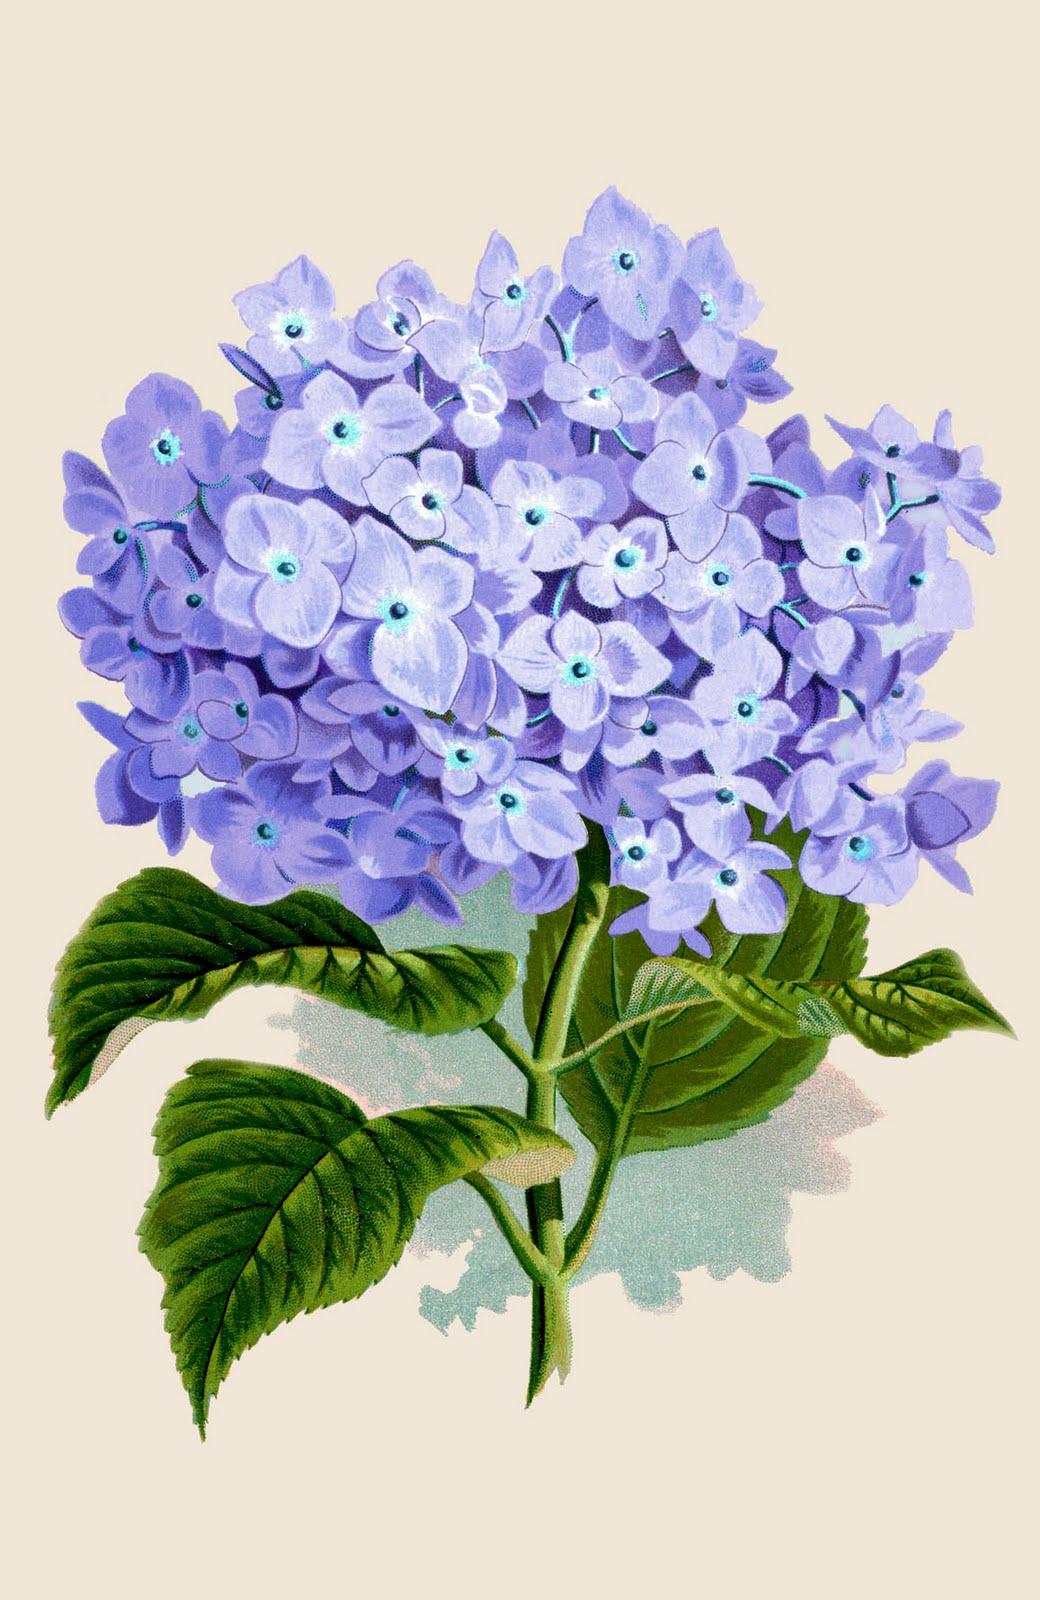 Vintage Flower clipart purple Images Remodelaholic Remodelaholic Printable Printable